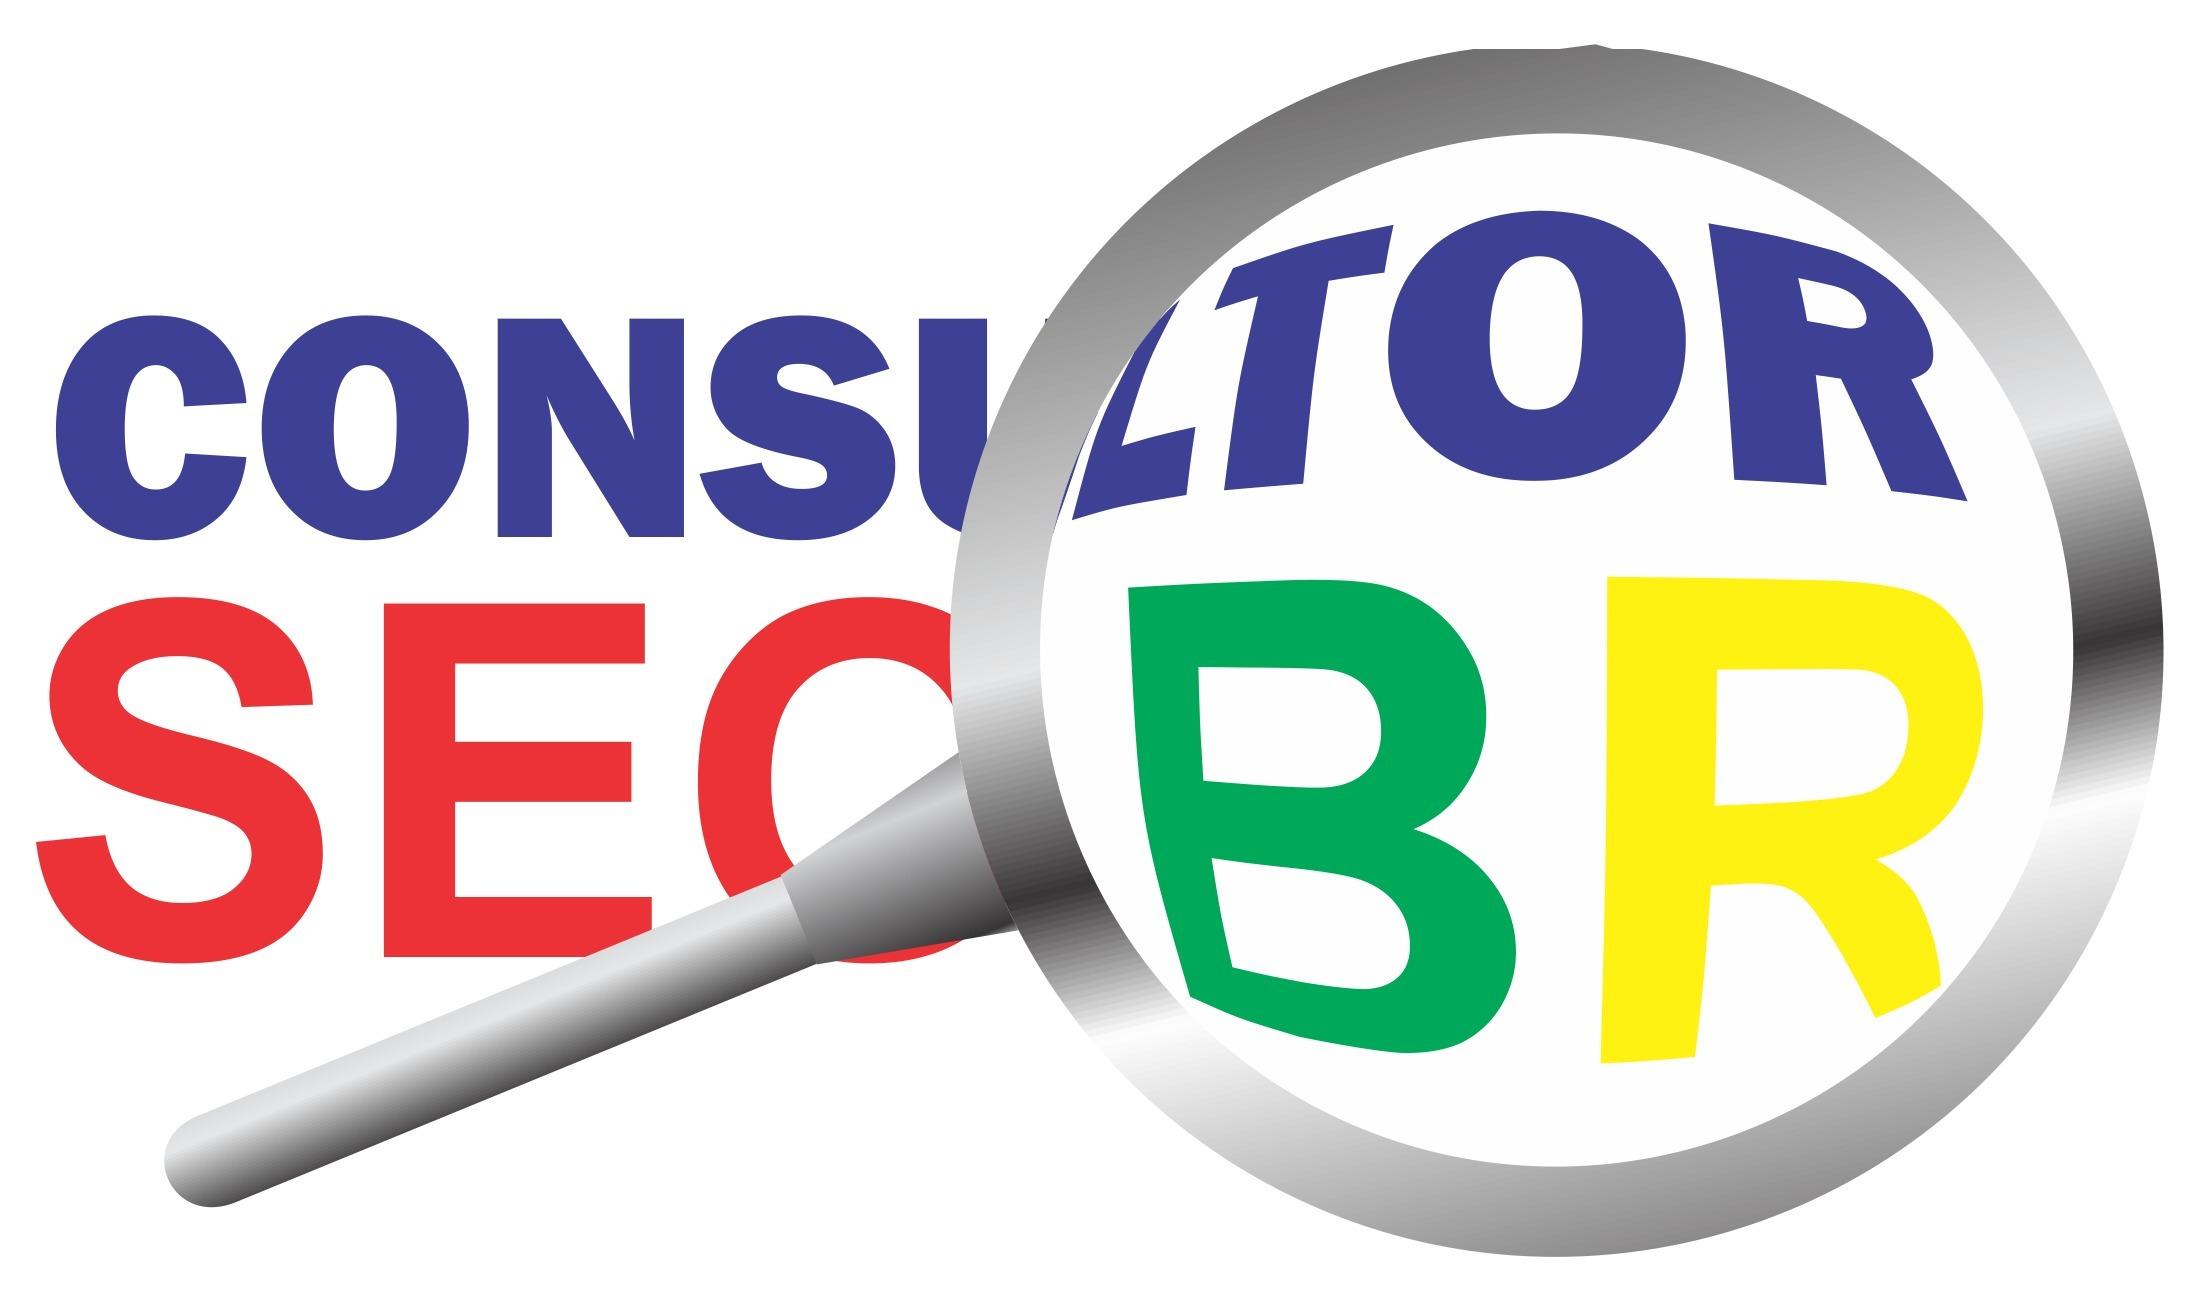 Consultor SEO BR (@consultorseobr) Cover Image